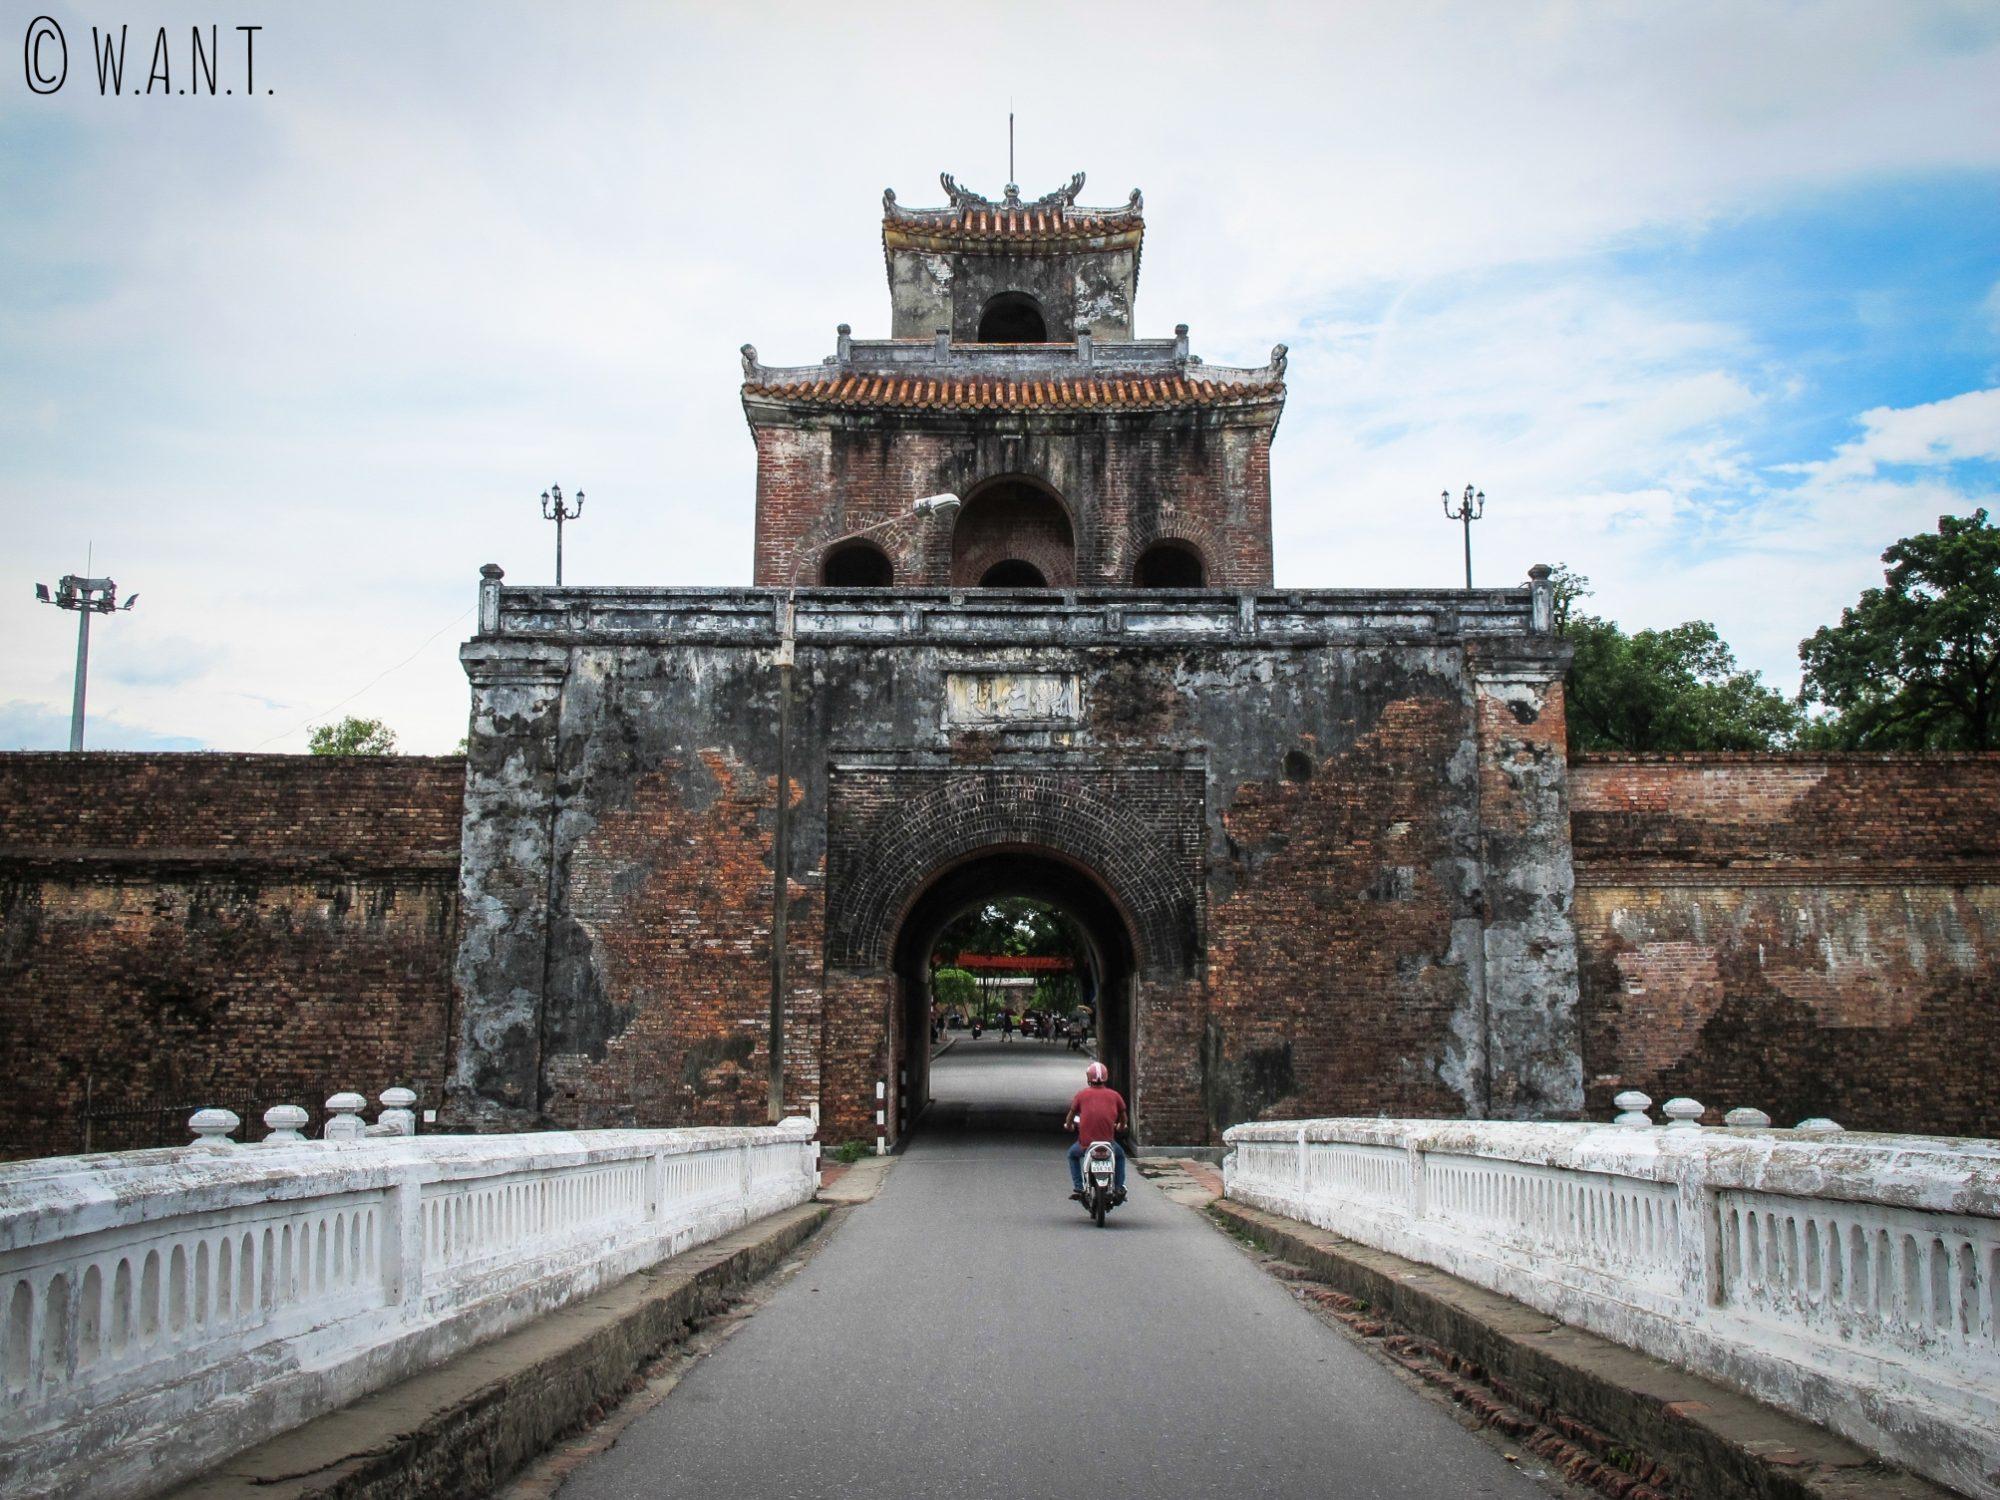 Entrée du mur d'enceinte de la Citadelle d'Hué